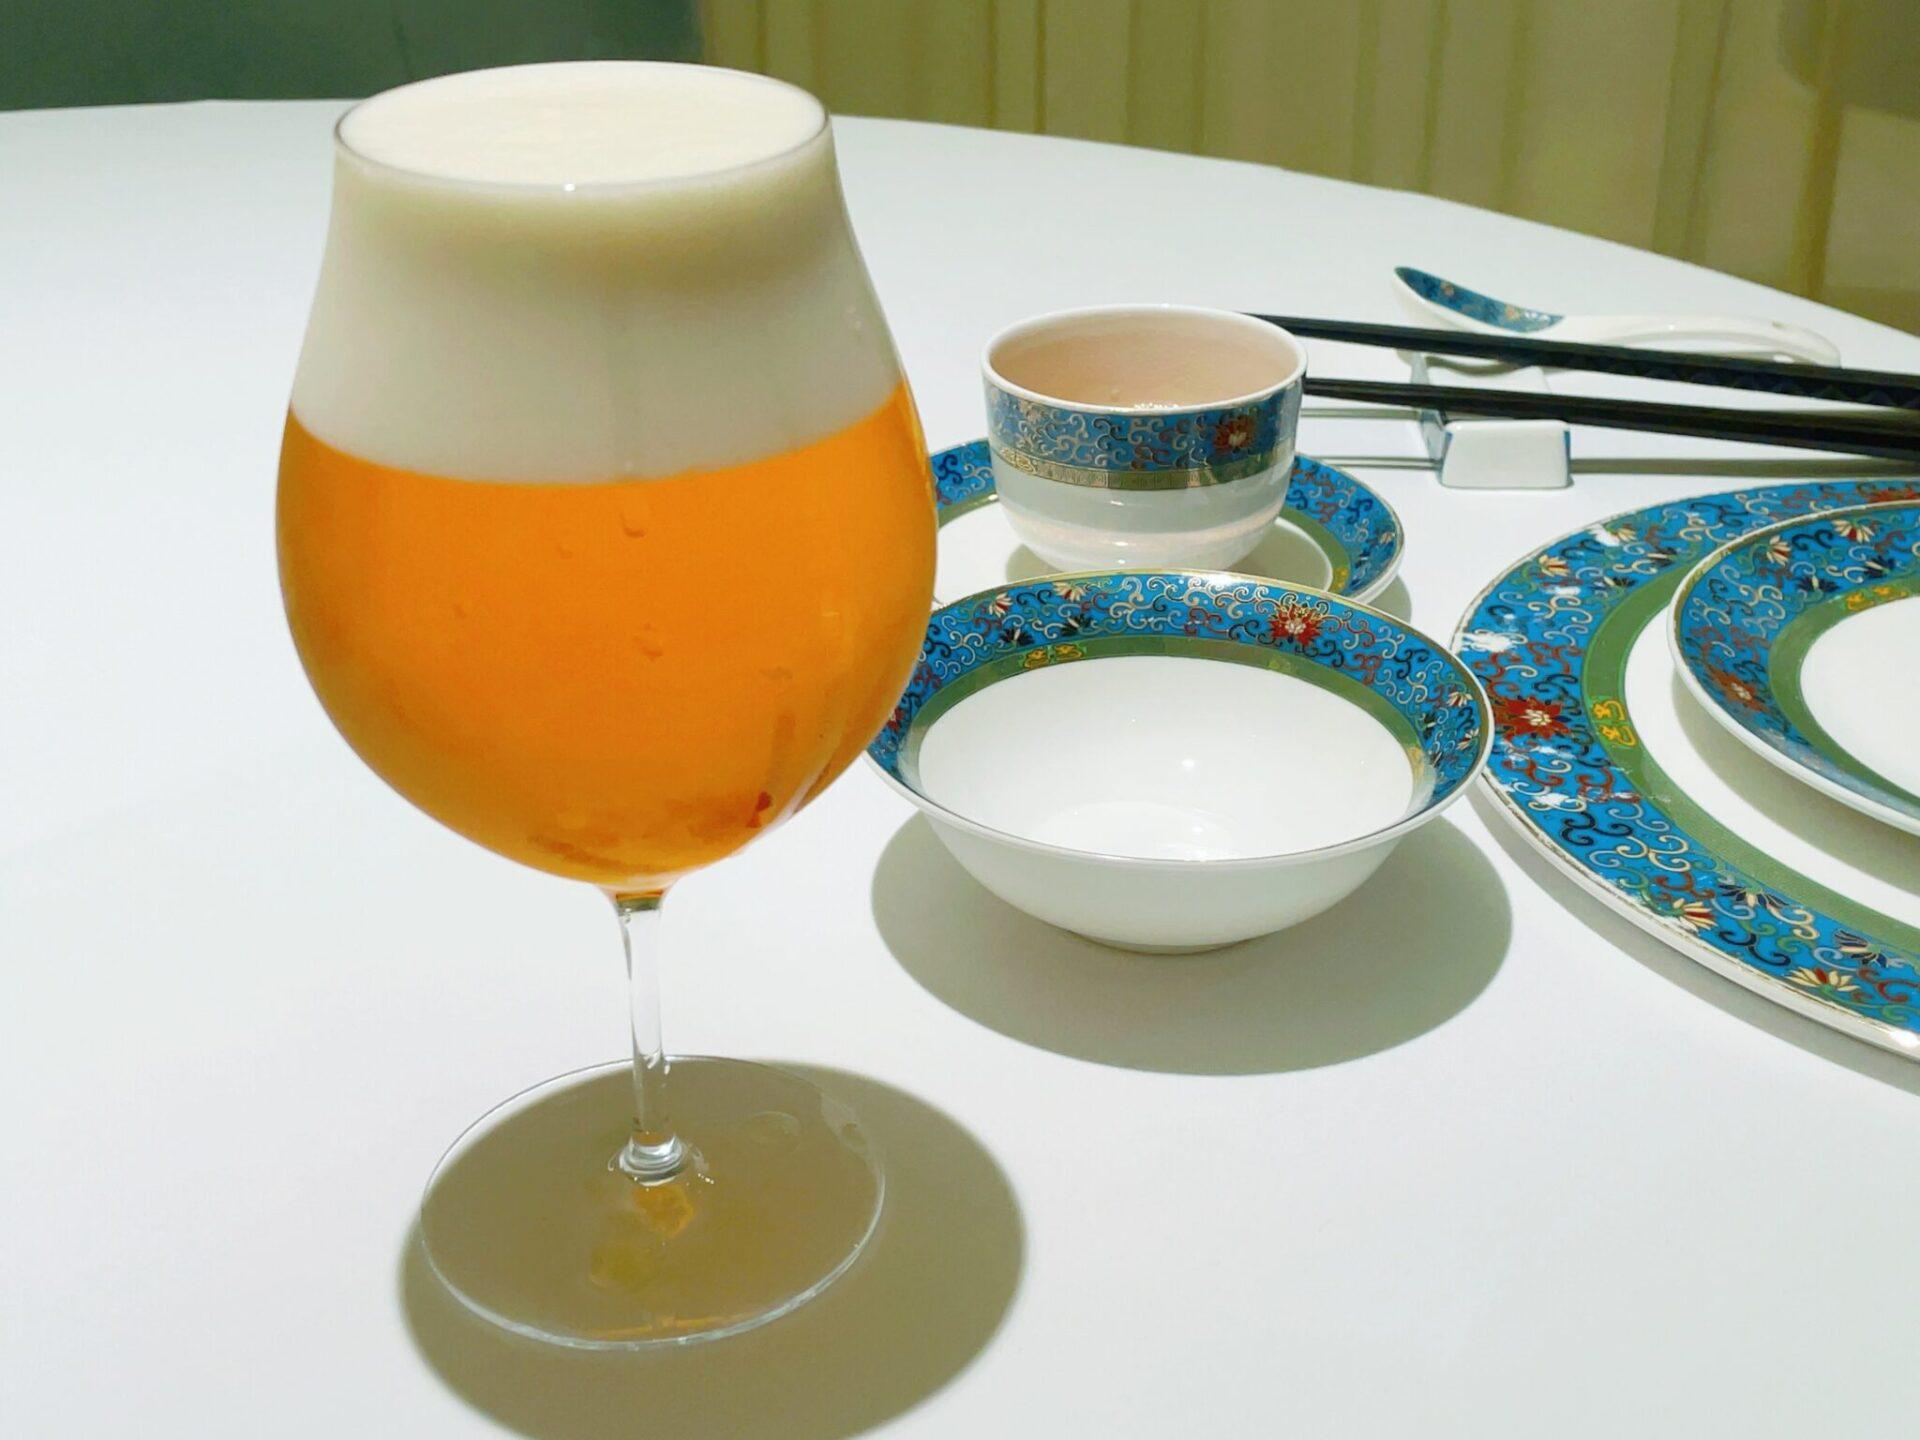 厲家菜(レイカサイ)銀座のビール